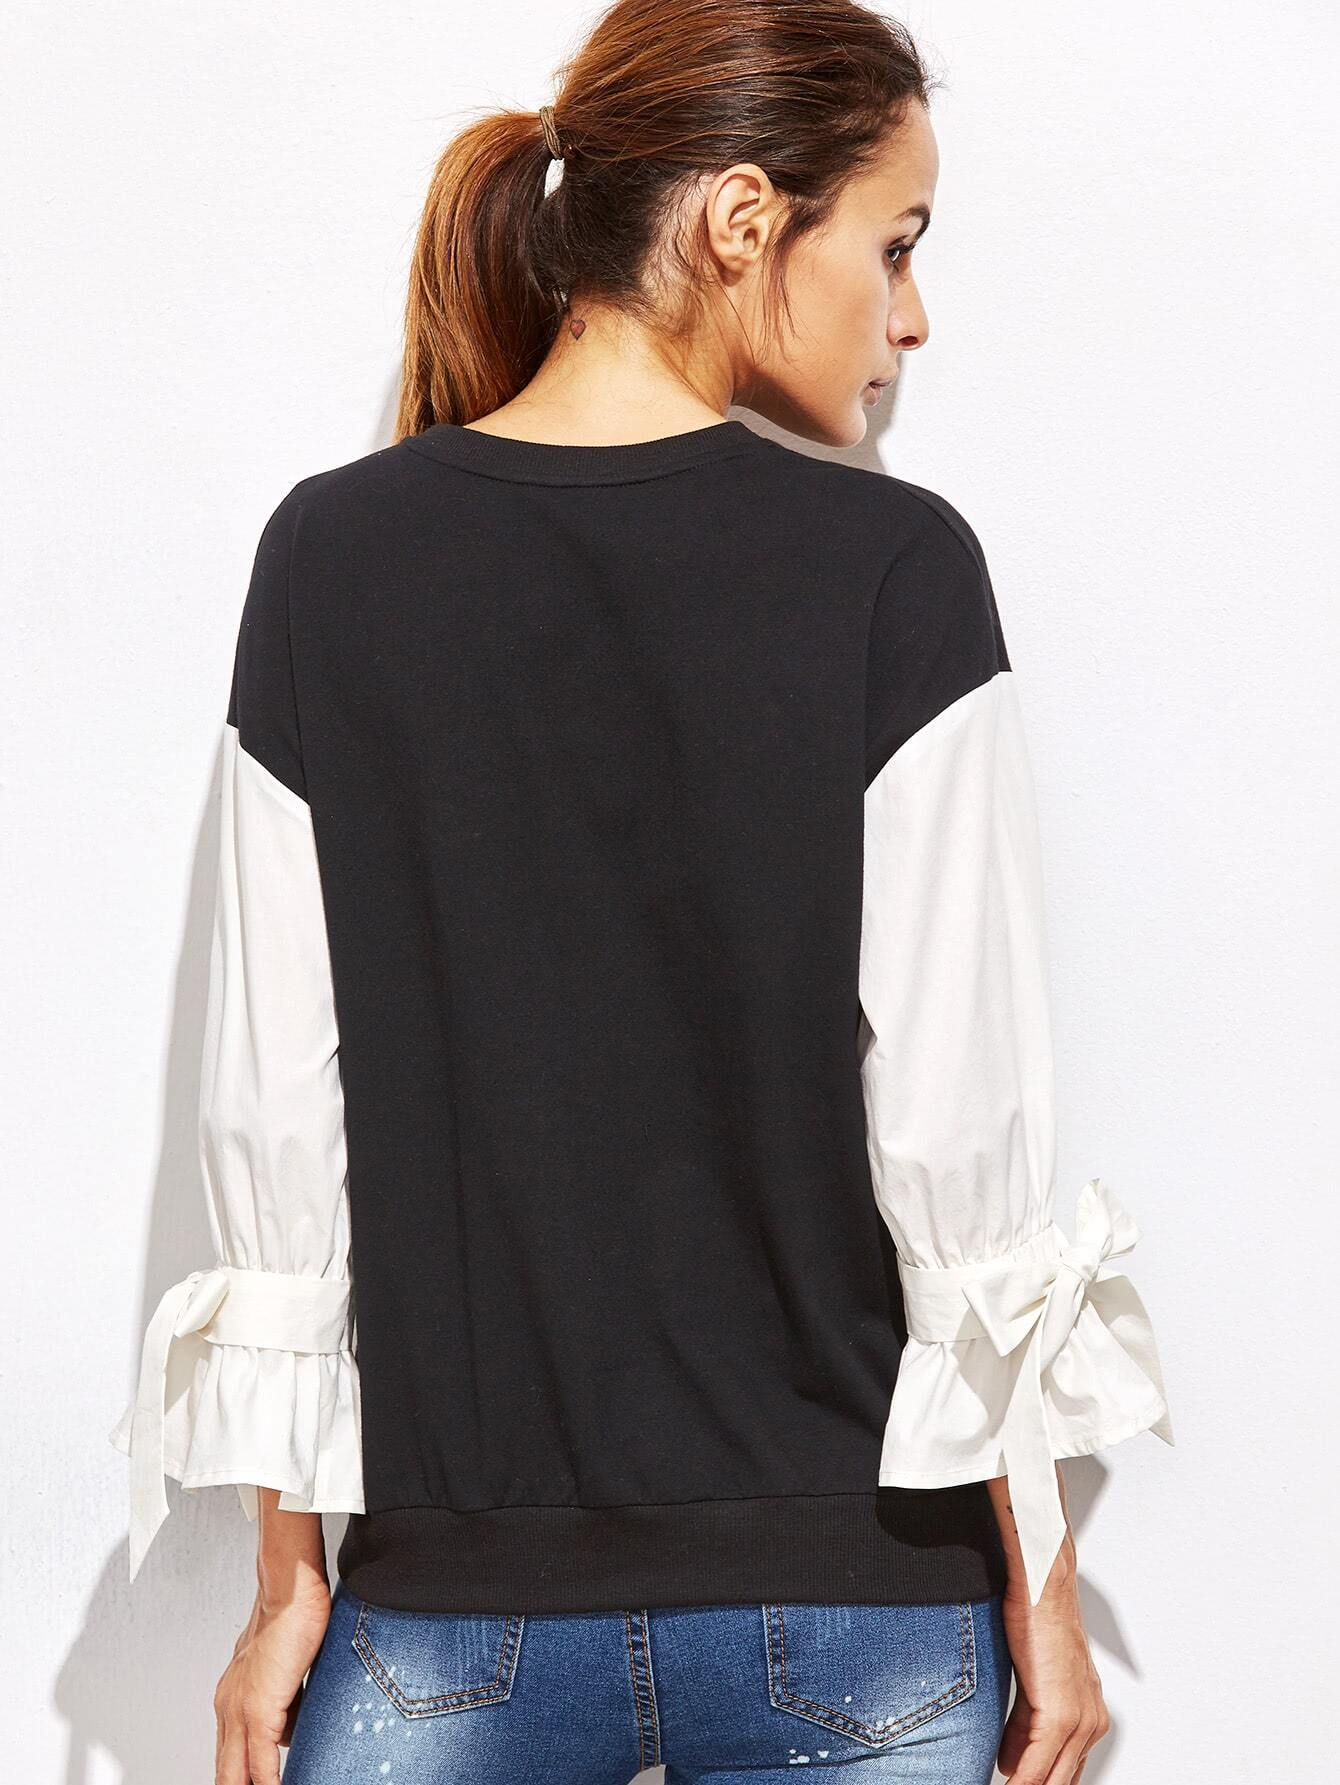 sweatshirt161018702_2